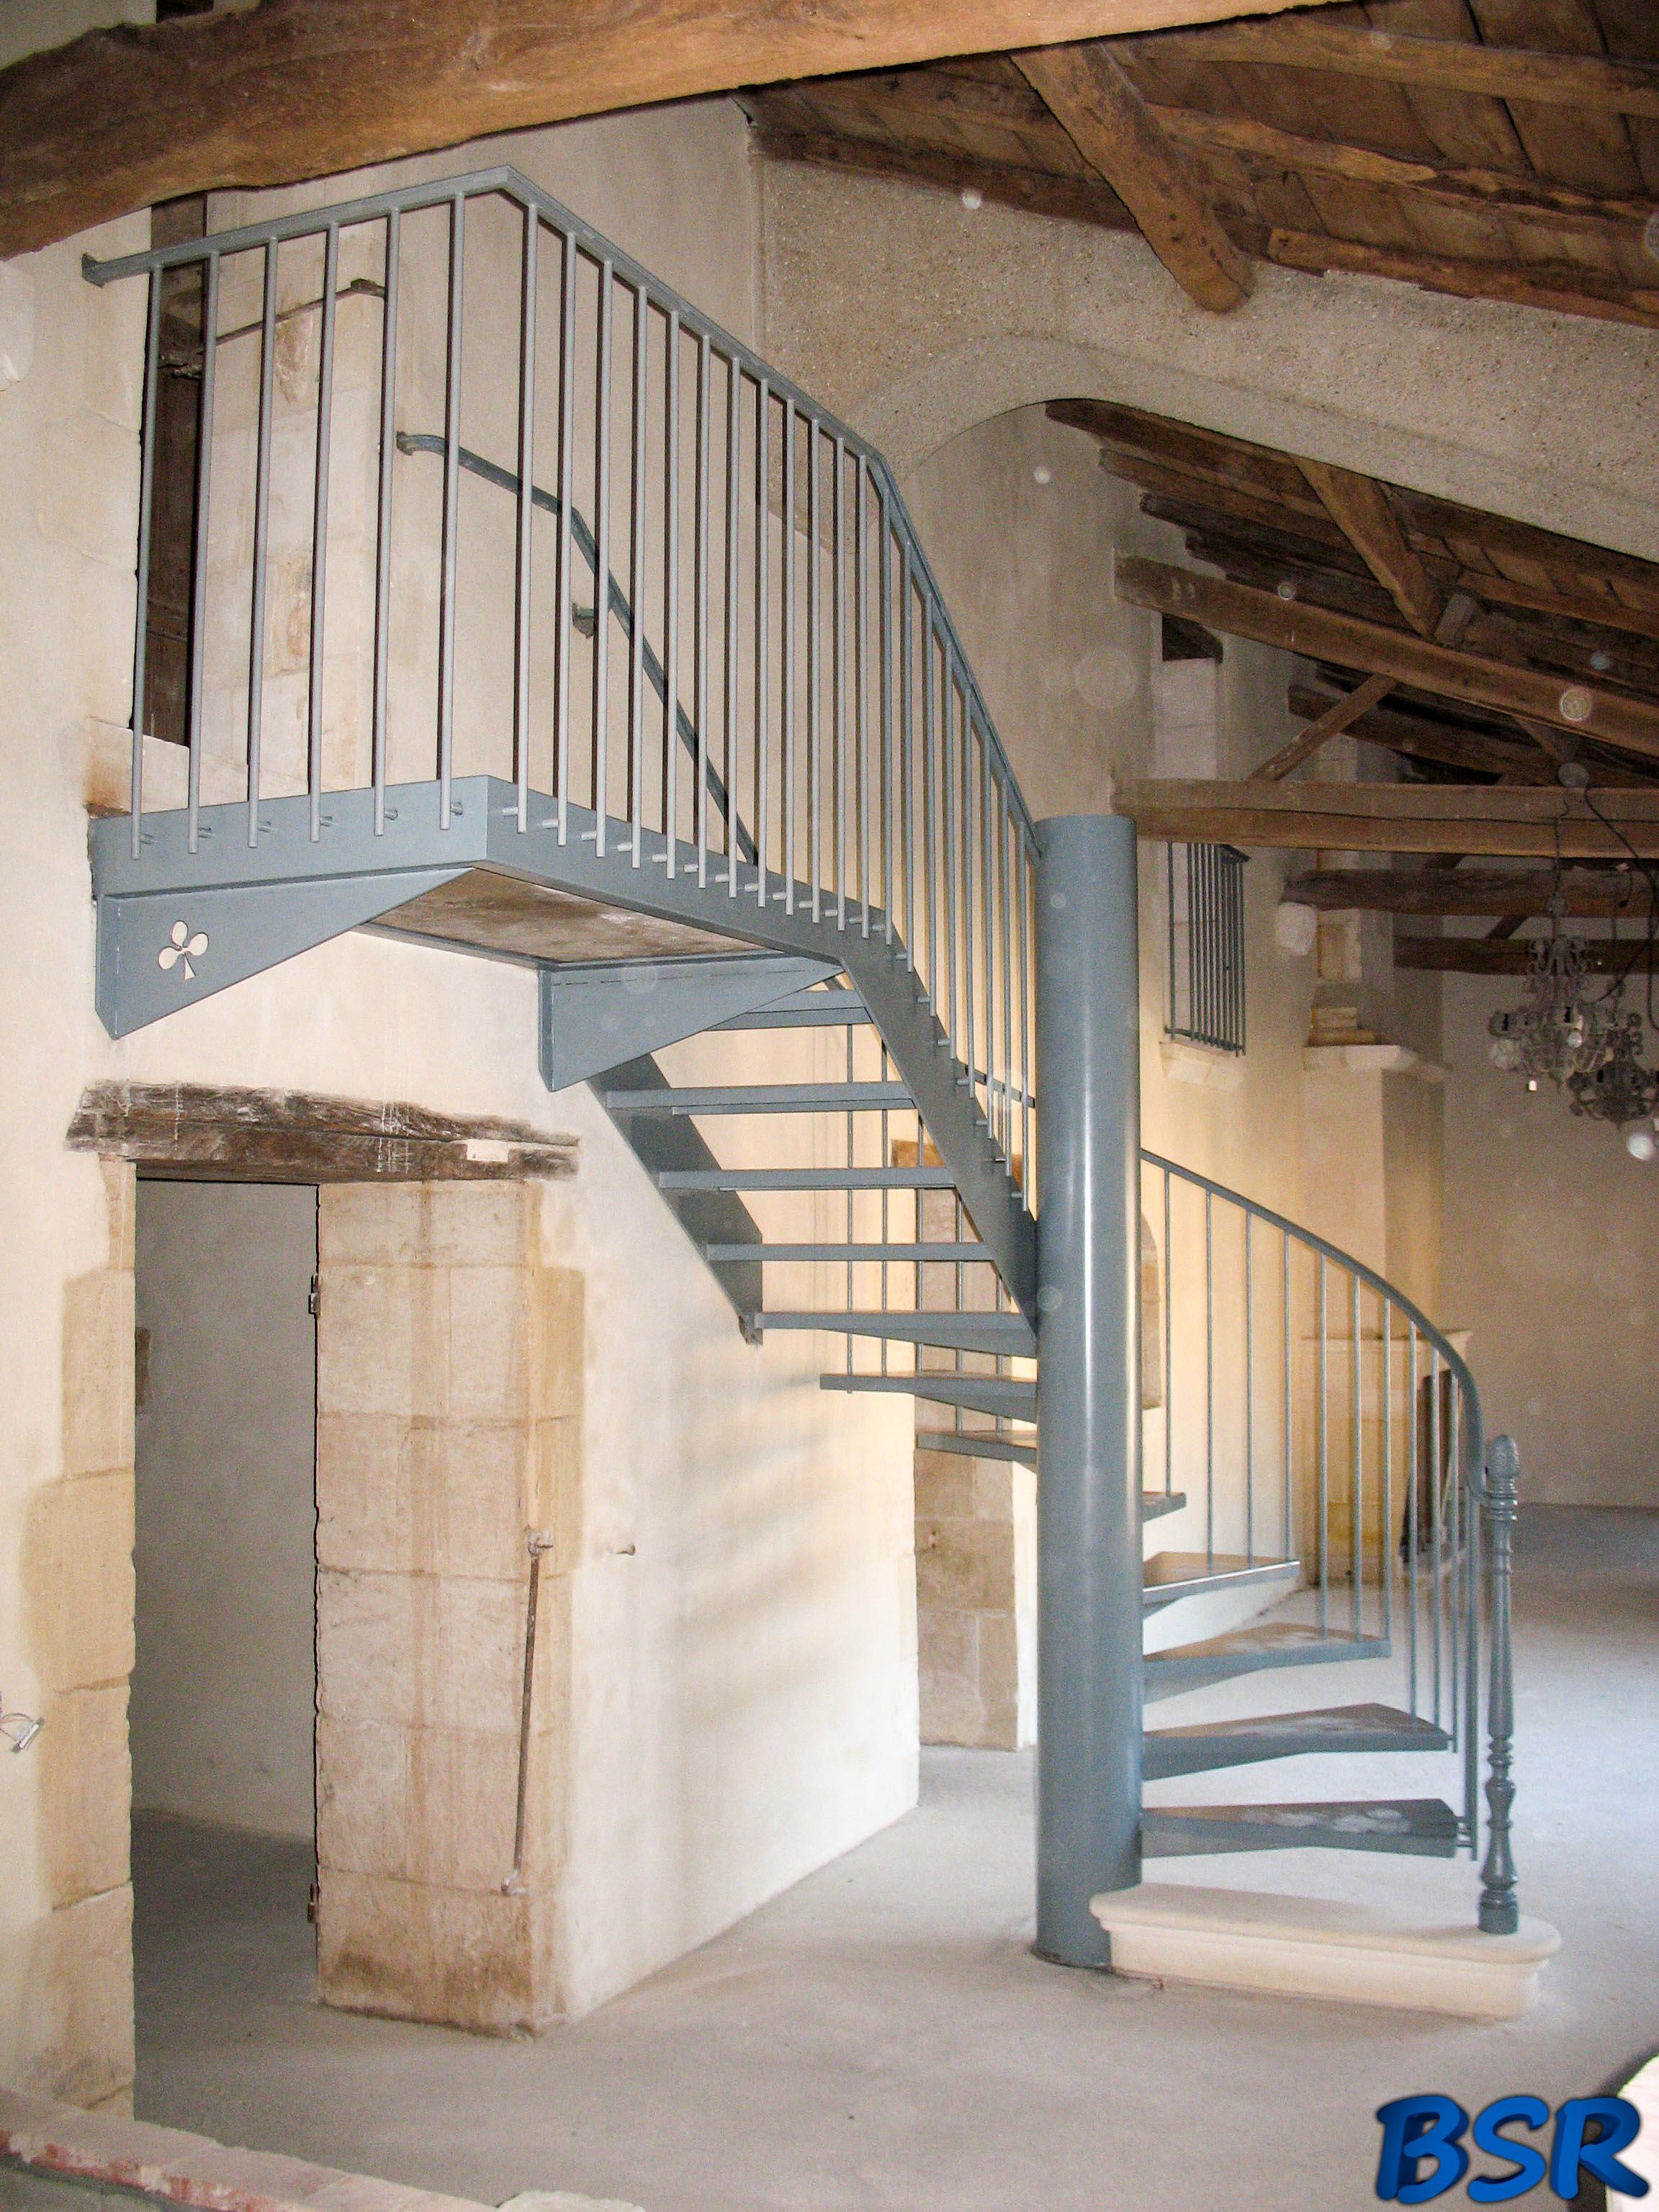 Escalier BSR